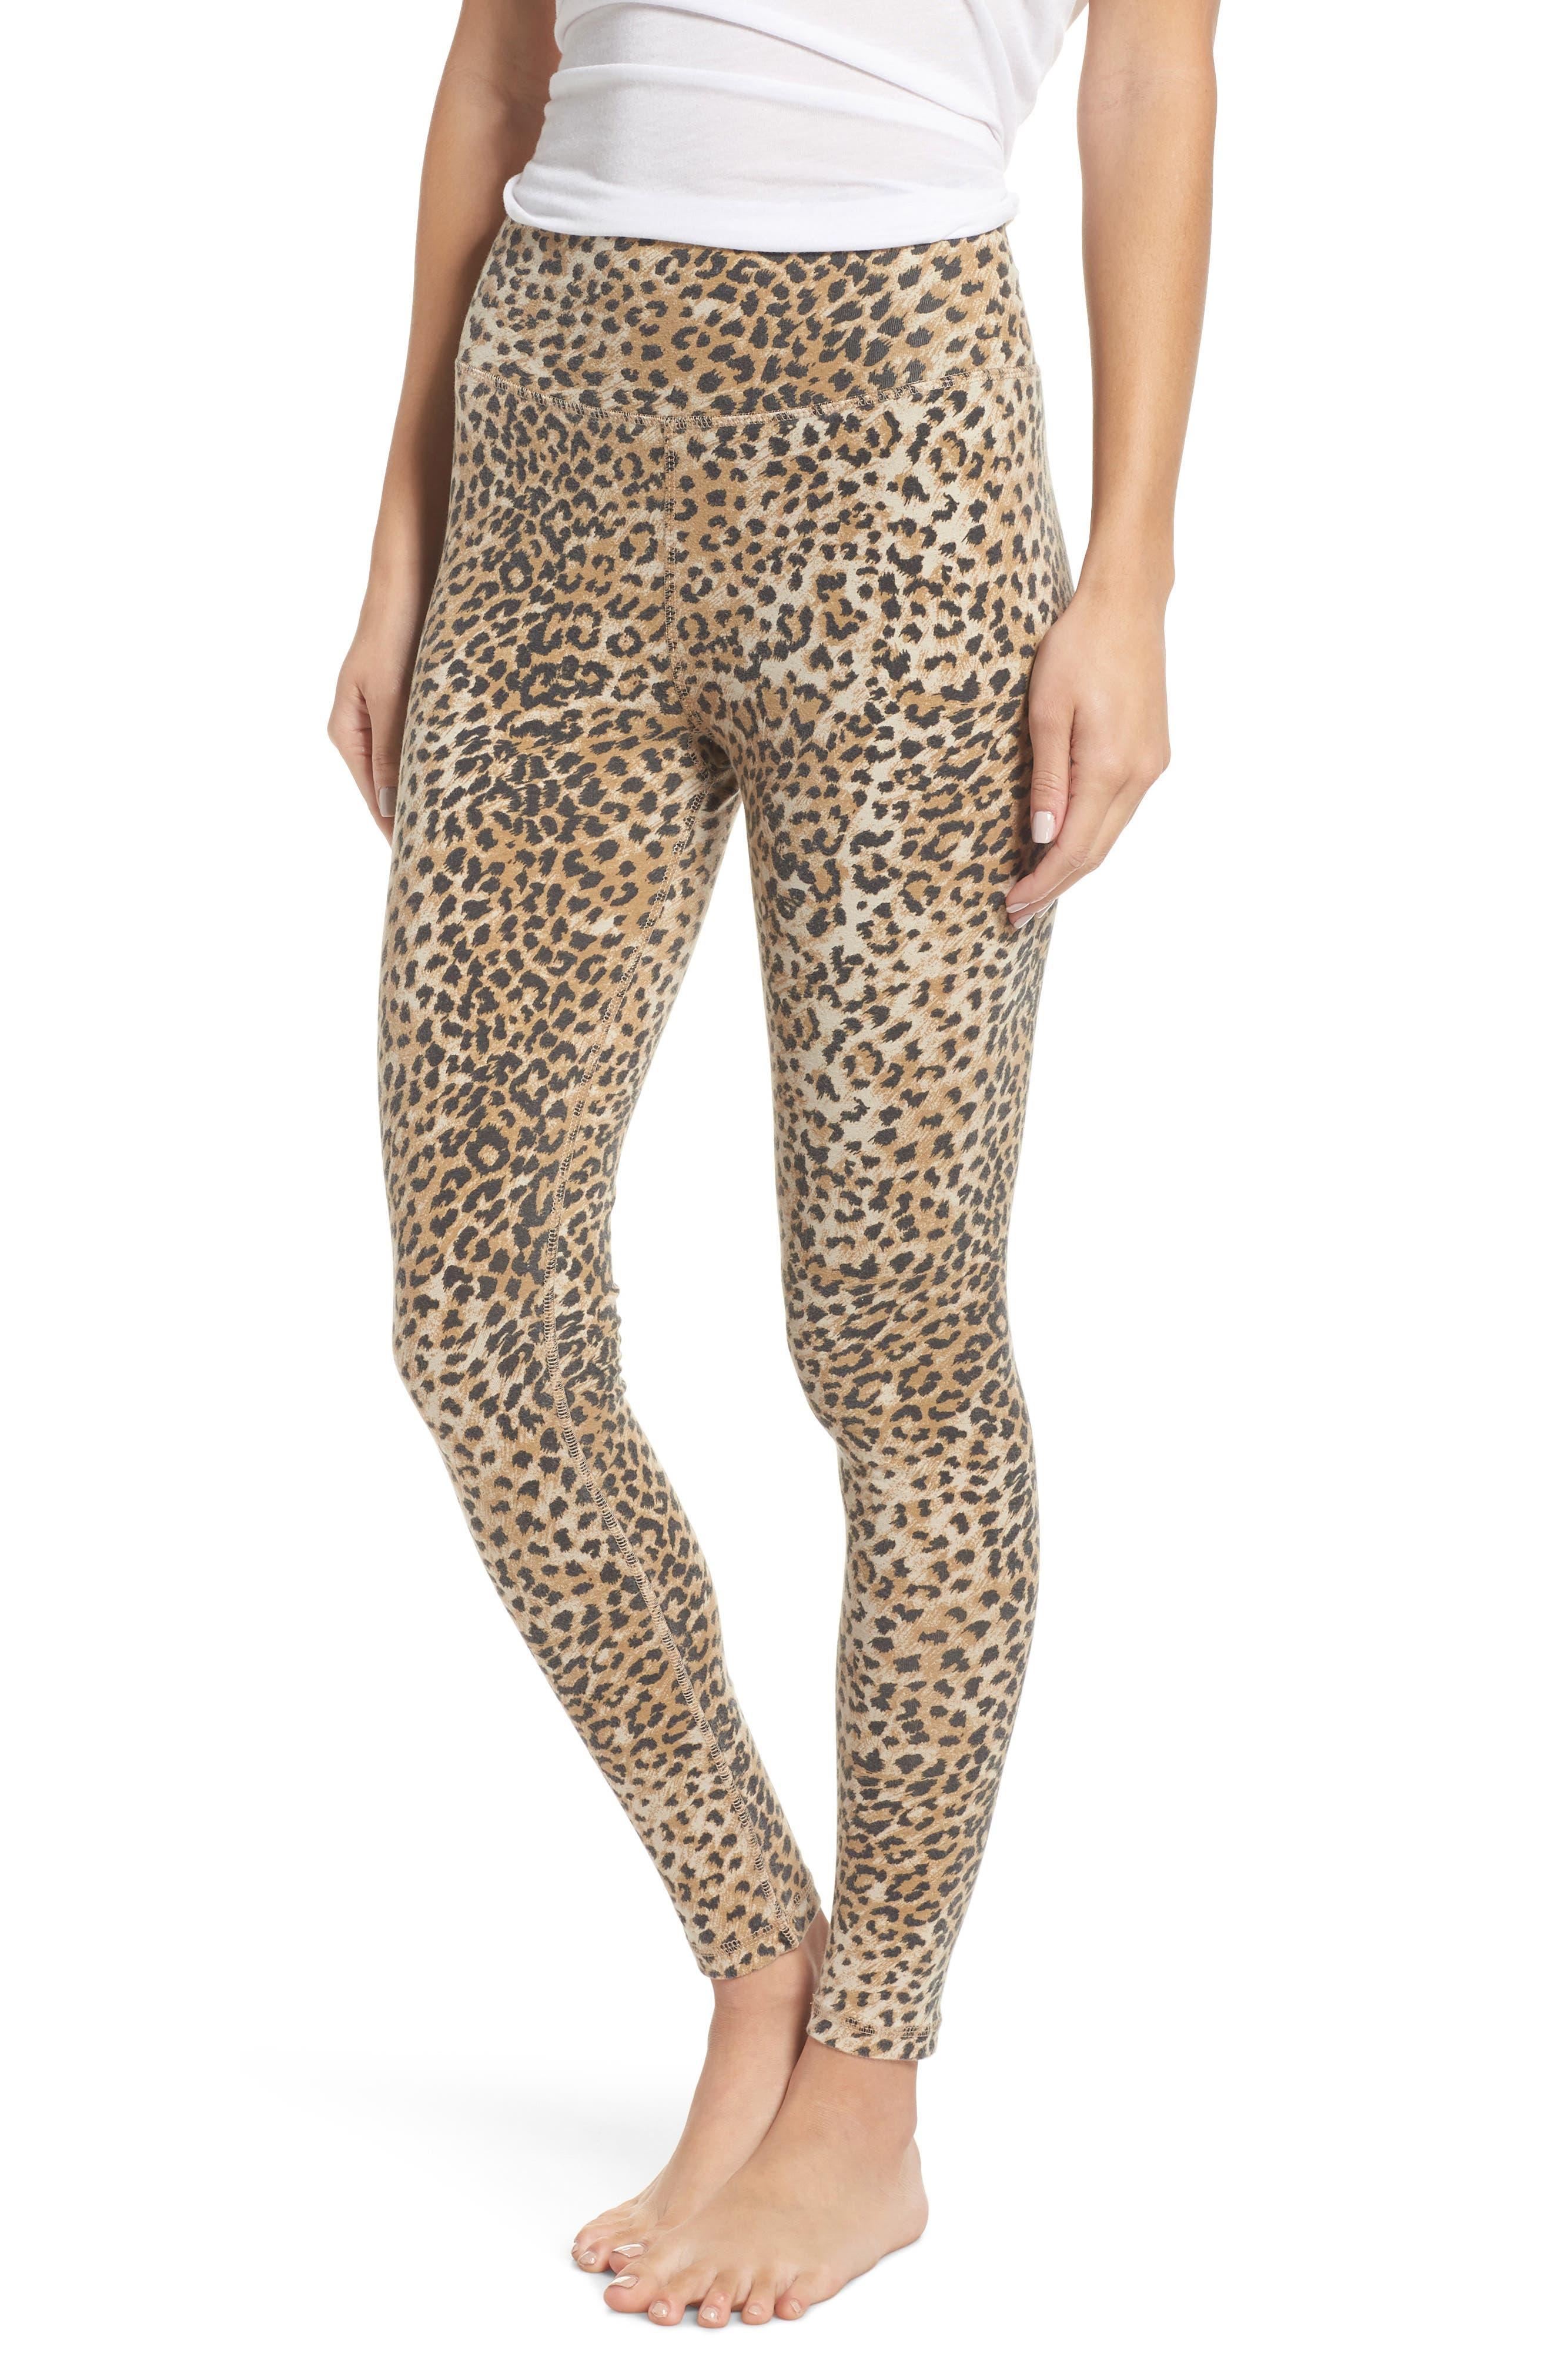 RAGDOLL Leopard Leggings in Brown Leopard